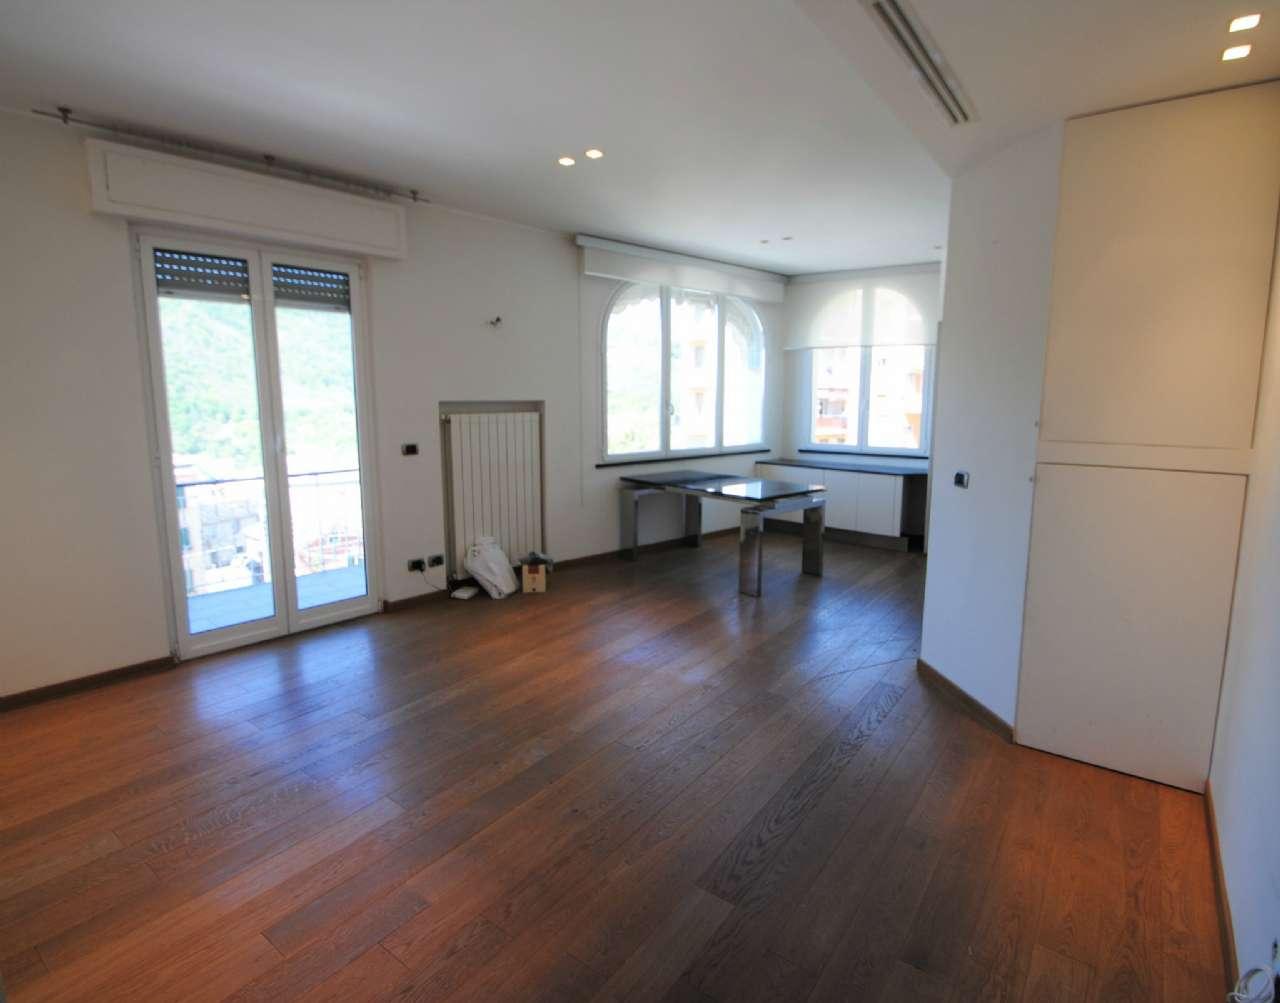 Appartamento in affitto a Uscio, 3 locali, prezzo € 550 | PortaleAgenzieImmobiliari.it